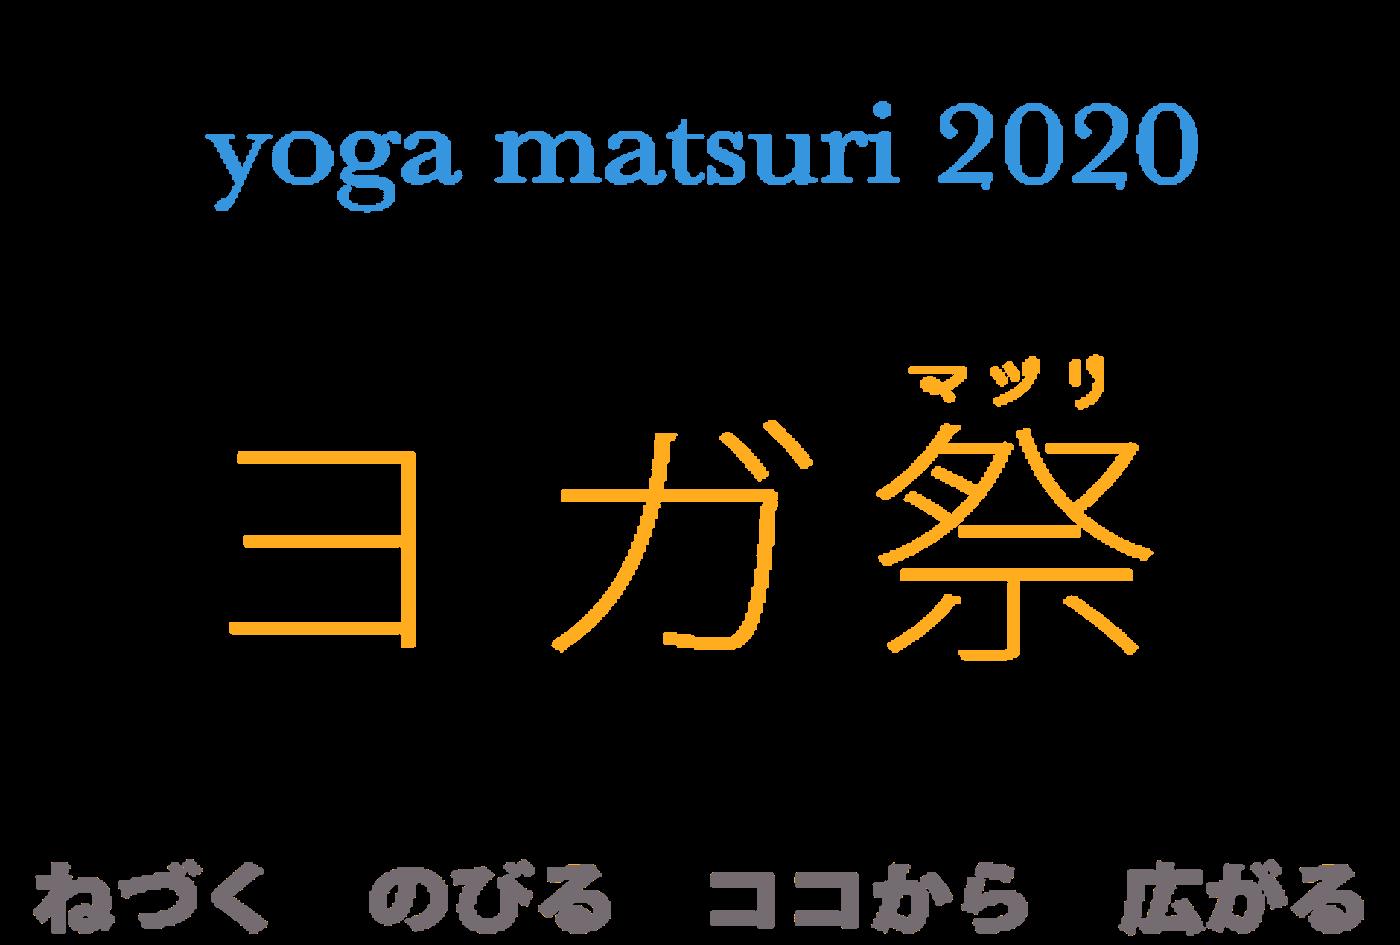 ヨガ祭2020   東京(バンデミエール・ヨガスタジオ)